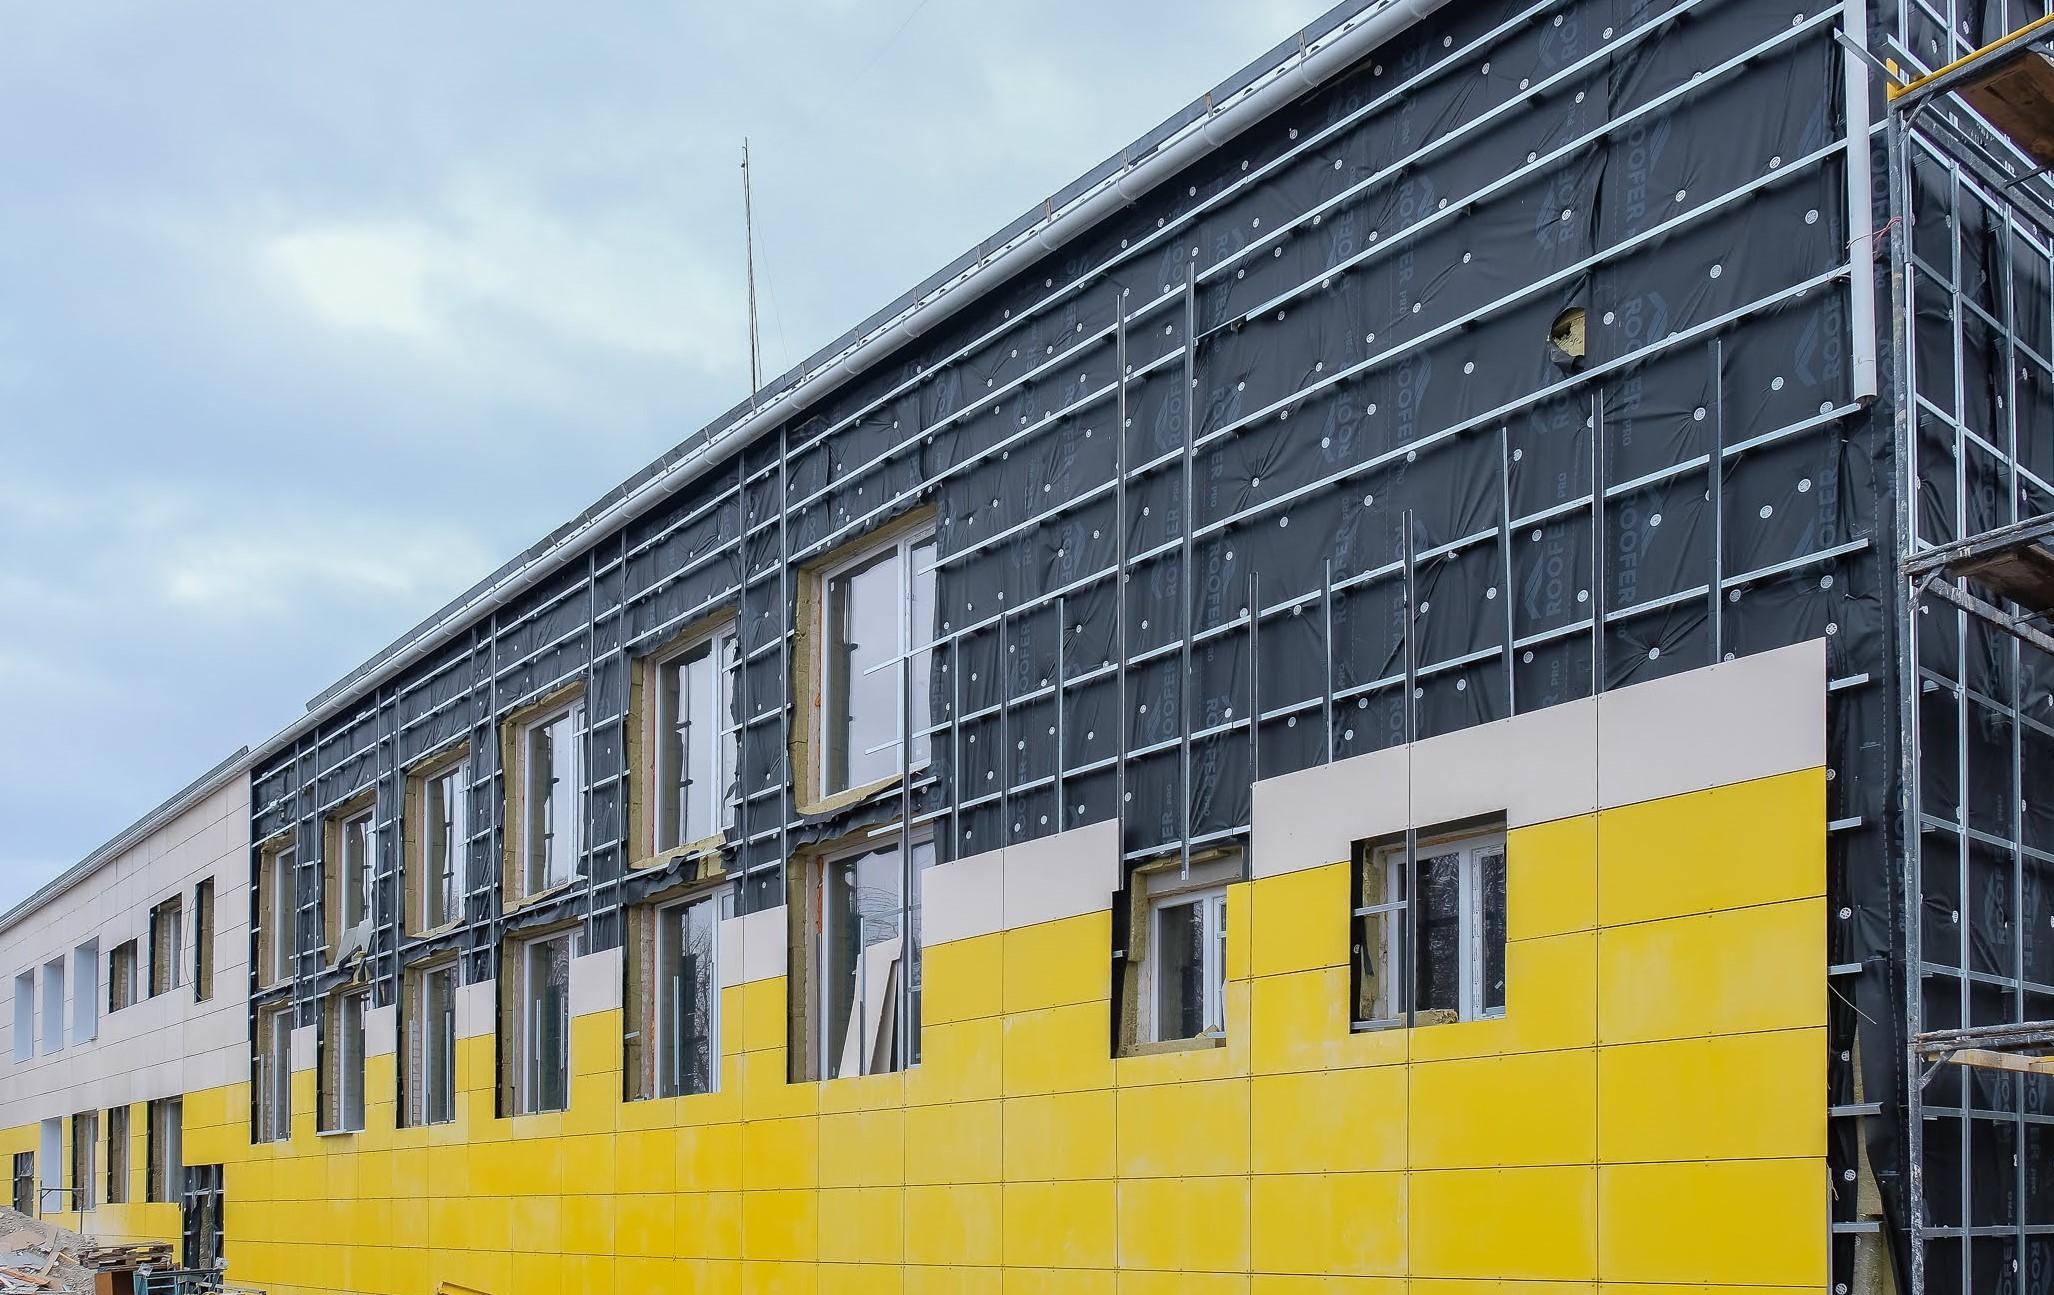 ...триває реконструкція опорної школи, якій понад 40 років.